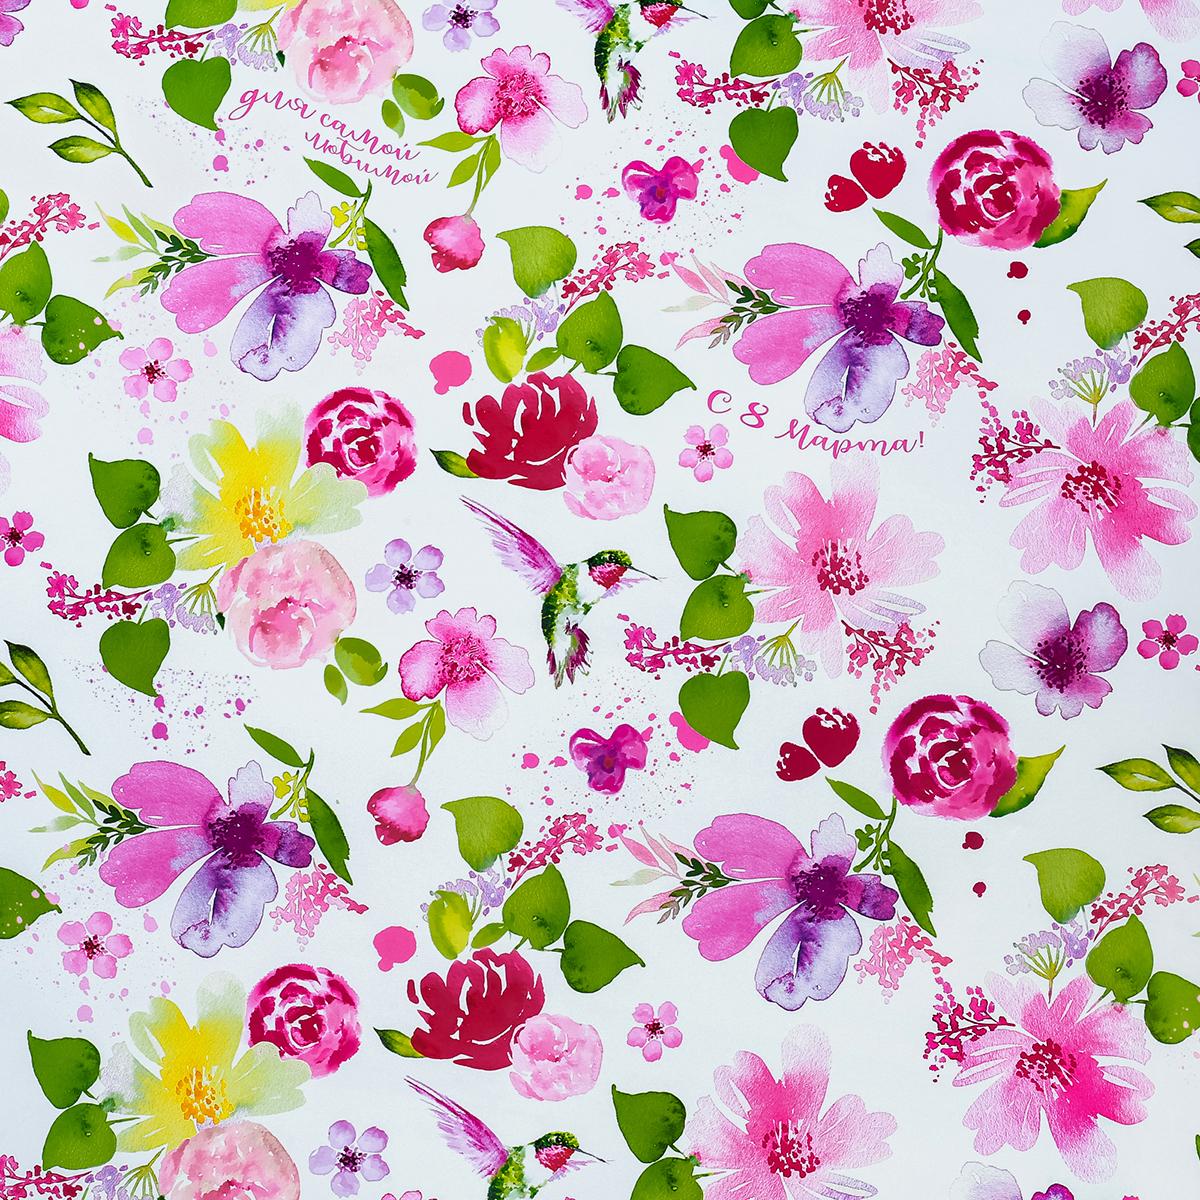 Бумага упаковочная Дарите счастье Цветы, глянцевая, 70 х 100 см. 2887323 бумага упаковочная дарите счастье цветы глянцевая 70 х 100 см 2887323